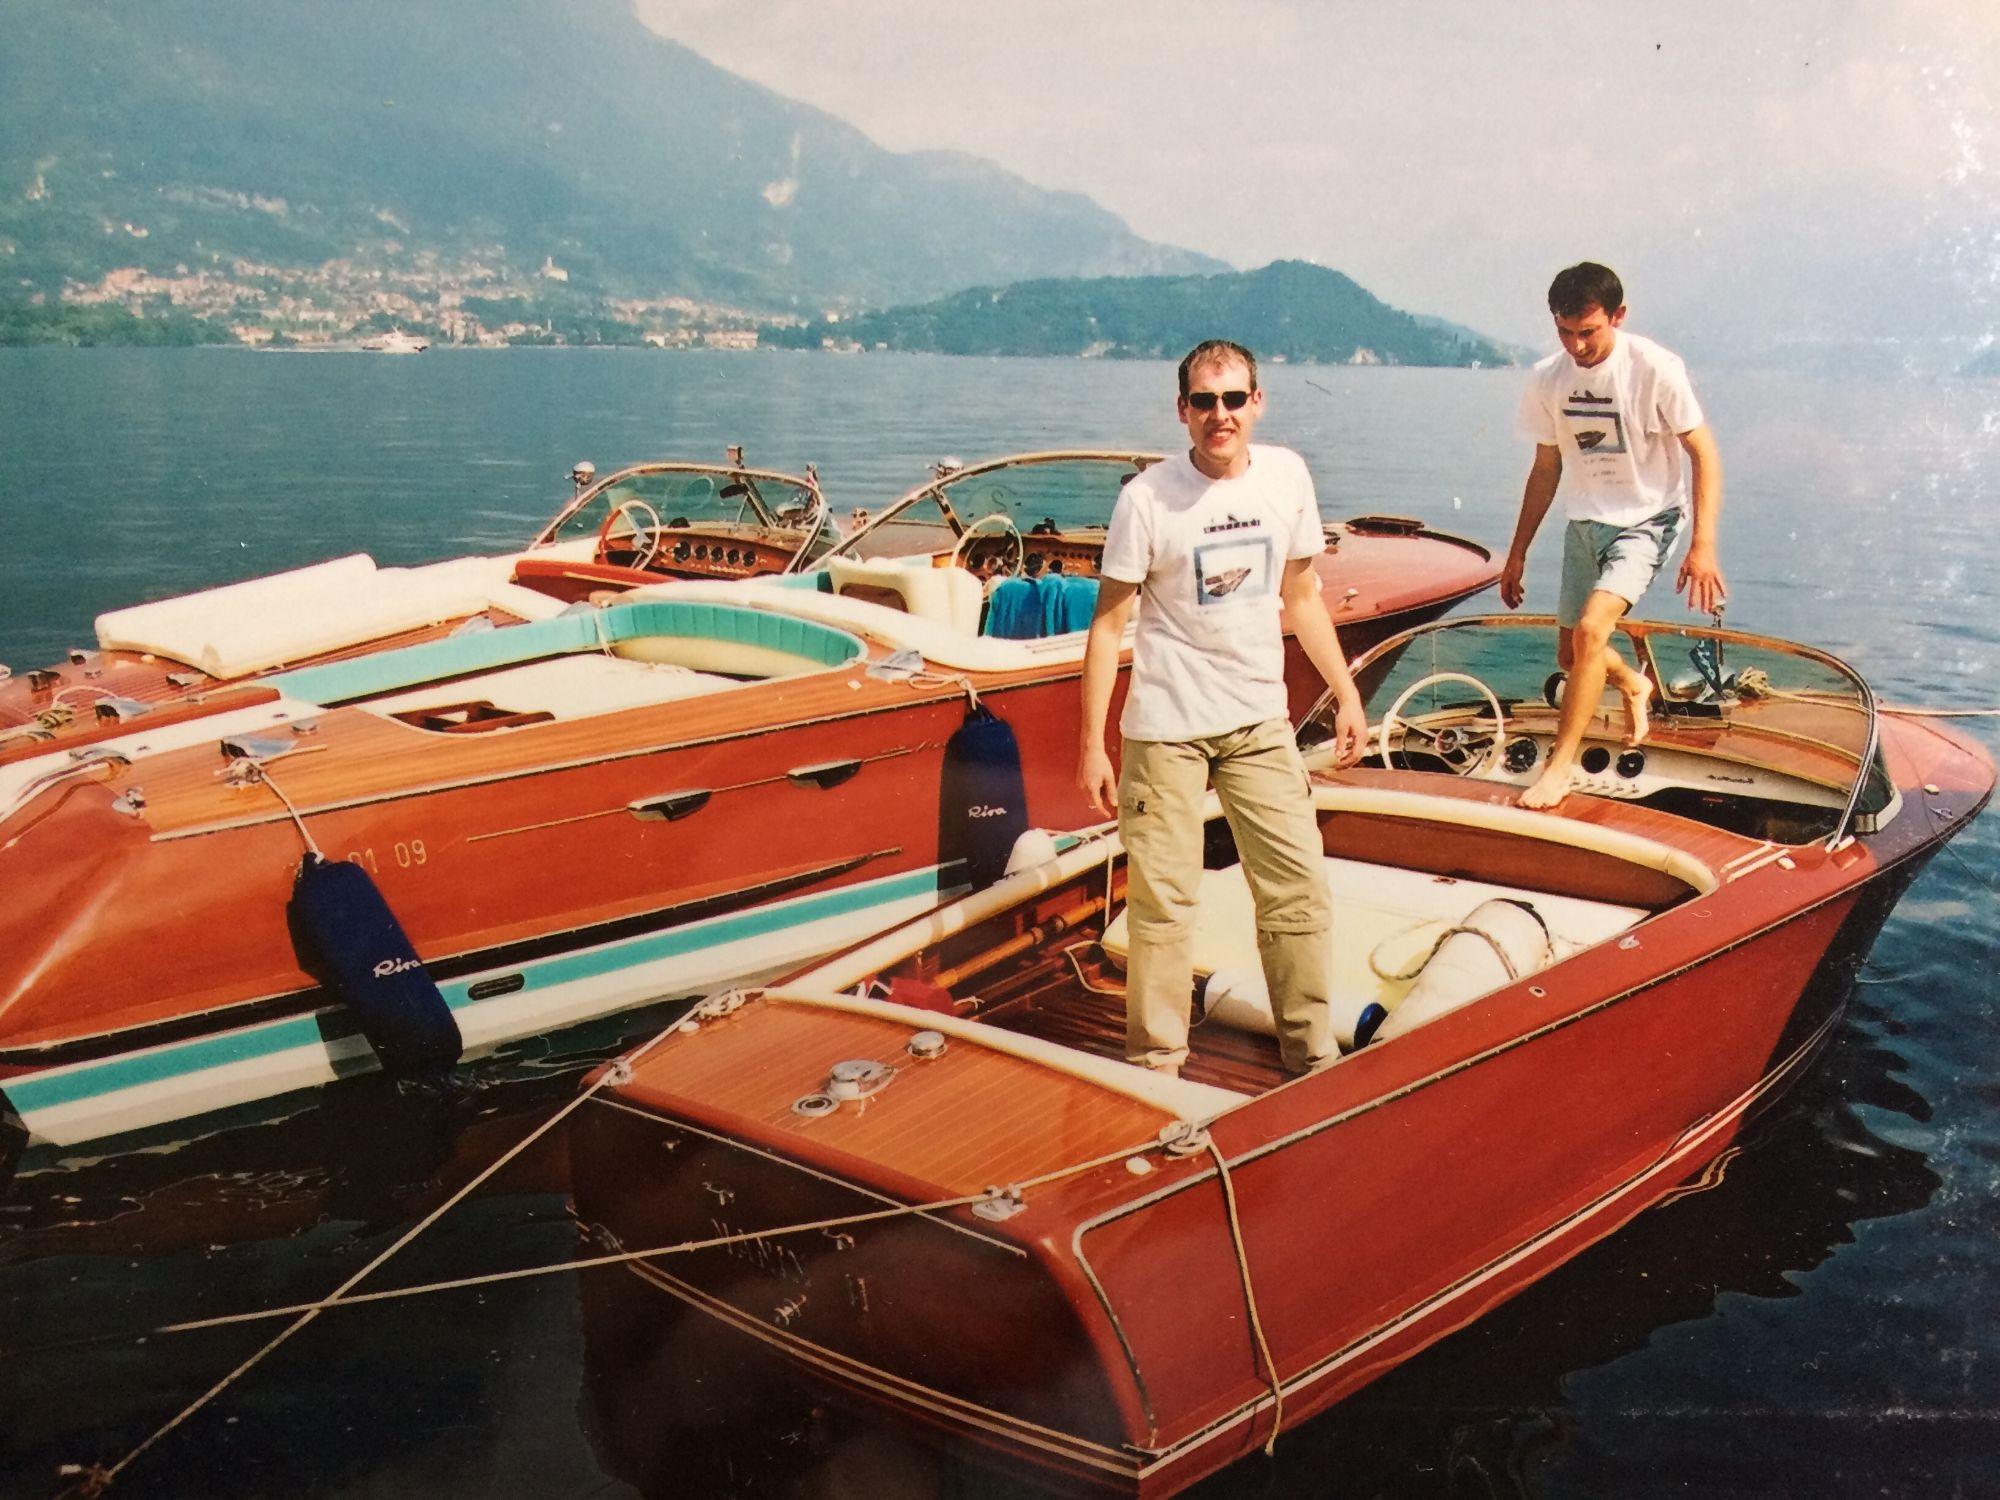 Riva Lake Como boats